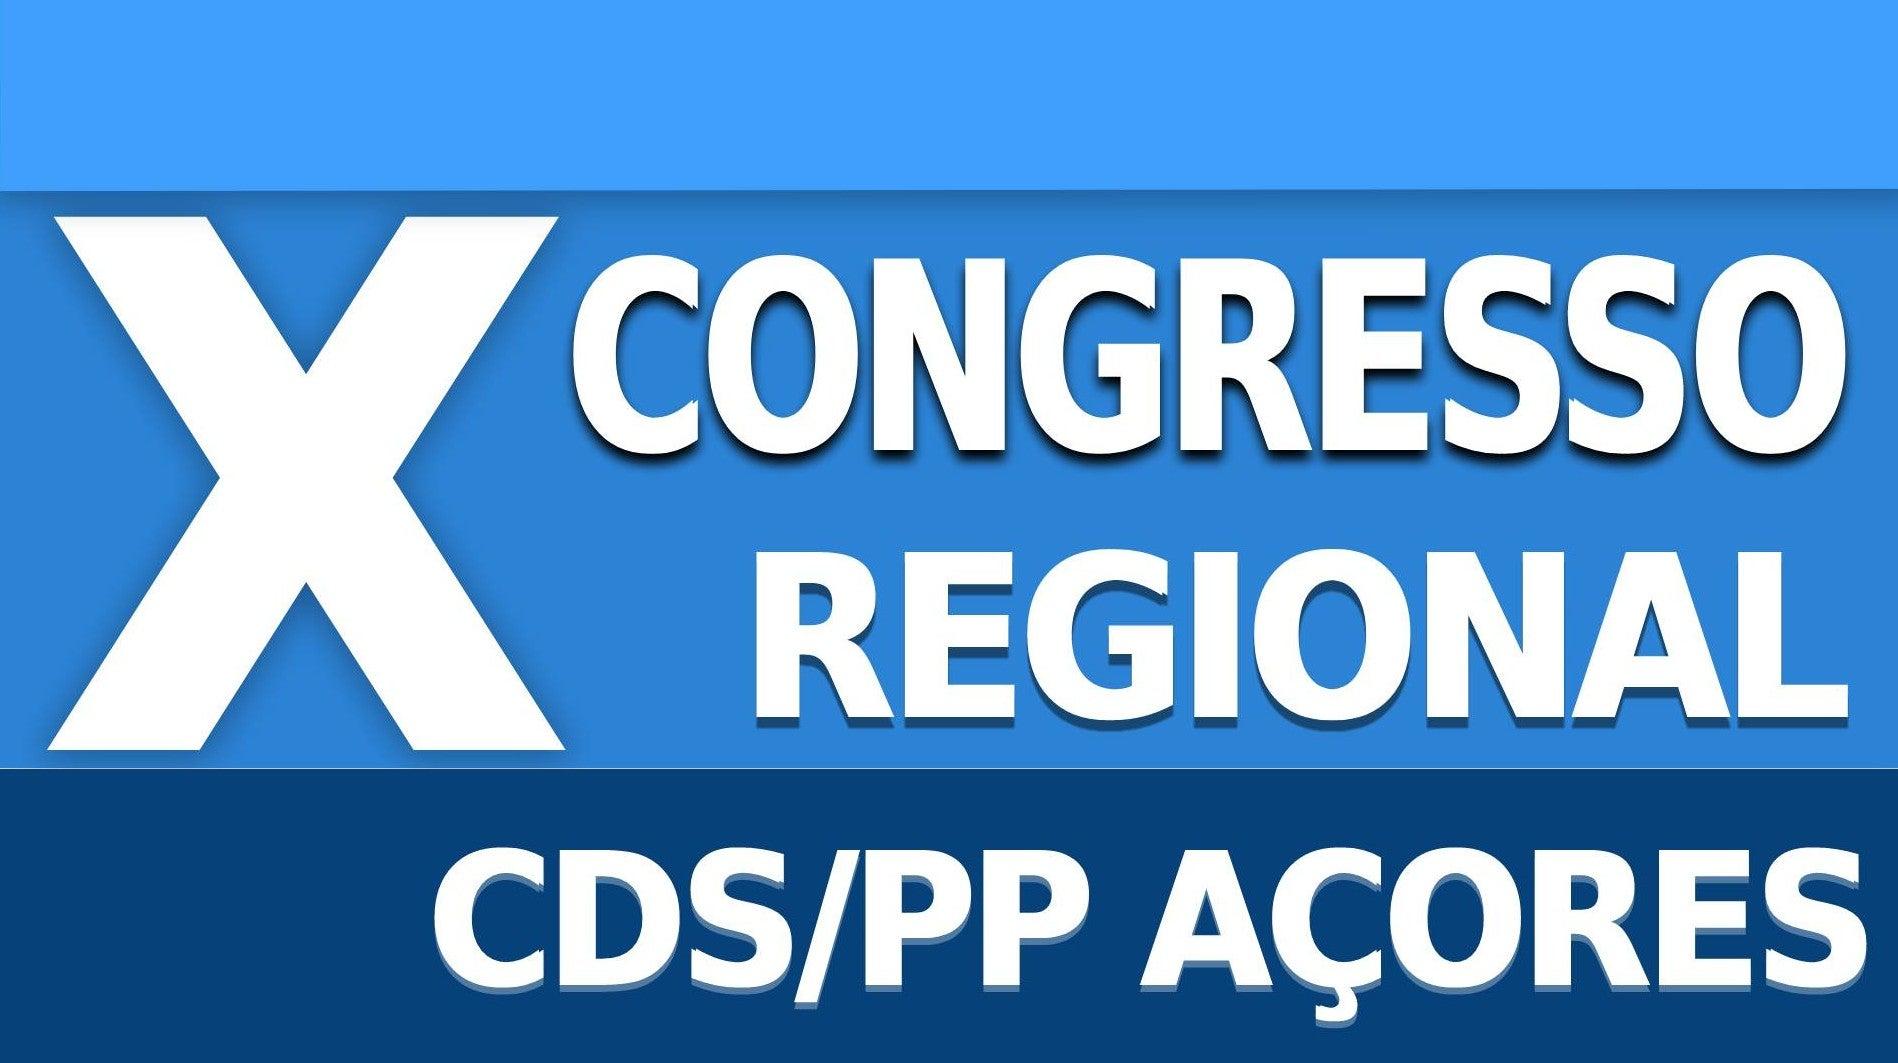 X Congresso Regional CDS/PP Açores